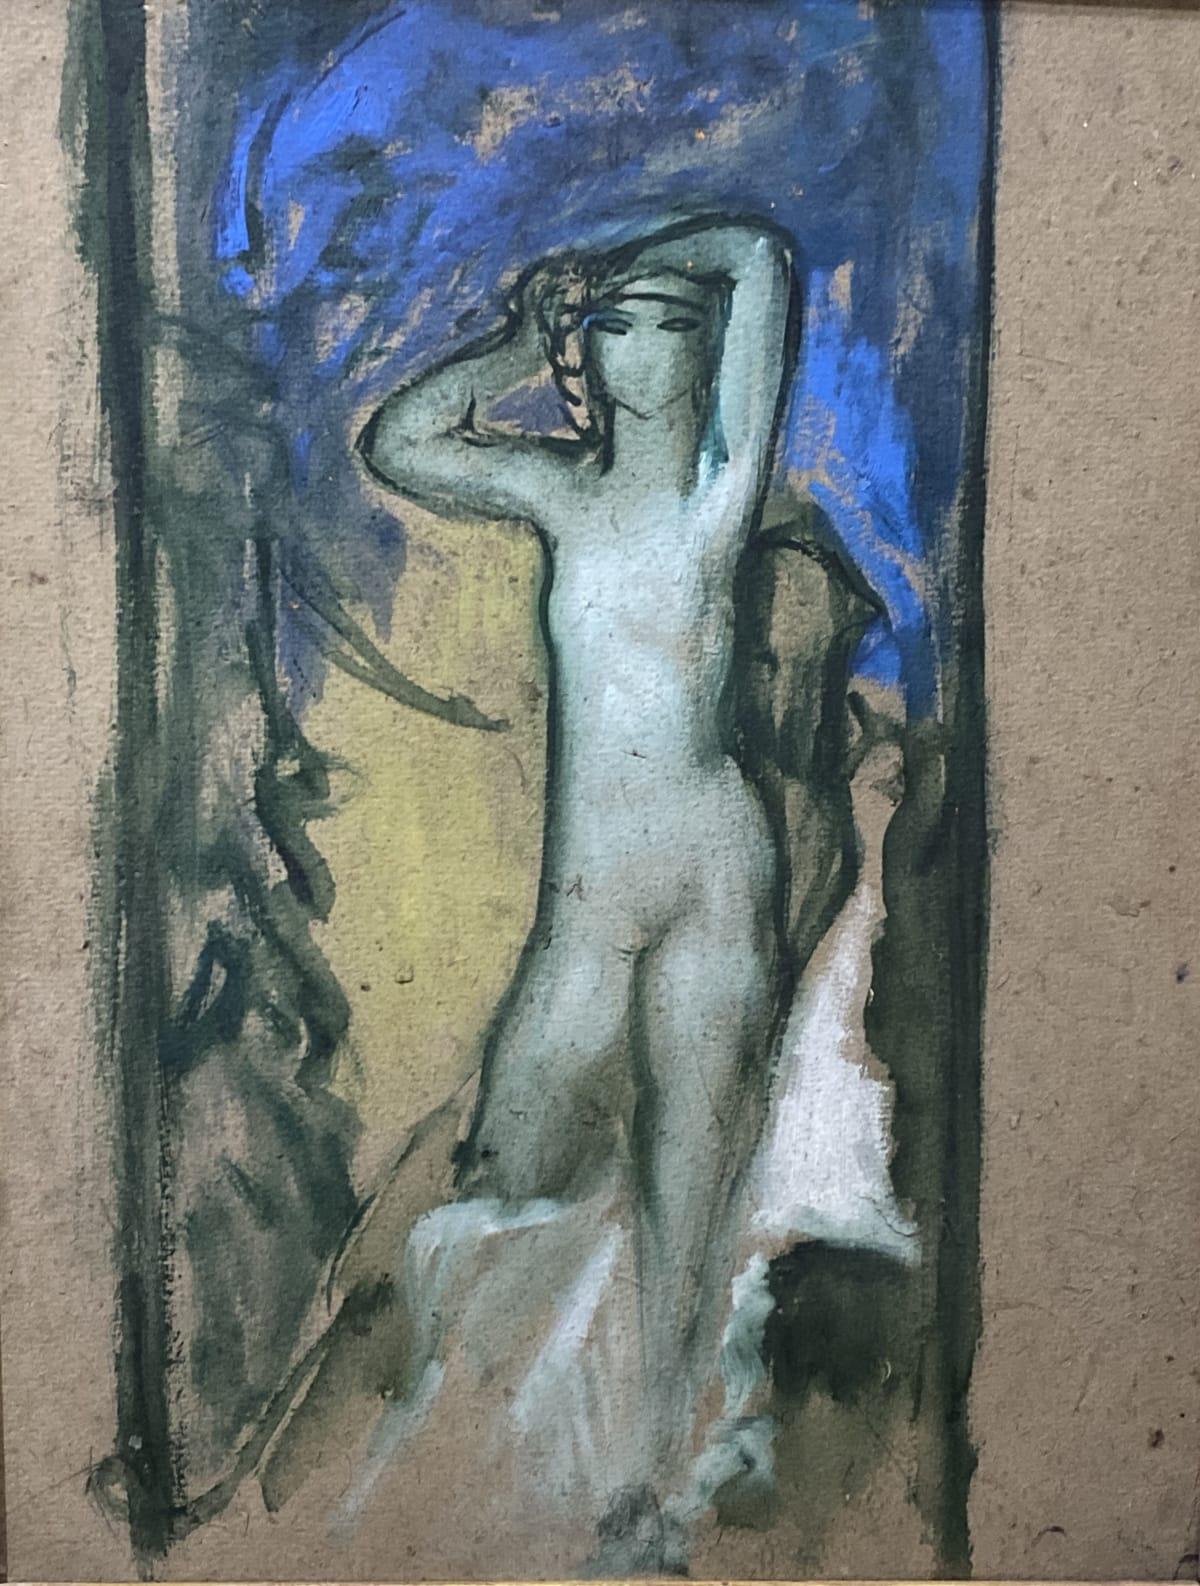 Pierre-Amédée Marcel-Beronneau Salomé , circa 1900 Huile sur carton 35 x 26,5 cm Tampon de la vente du fond d'atelier de l'artiste à Draguignan en 2009